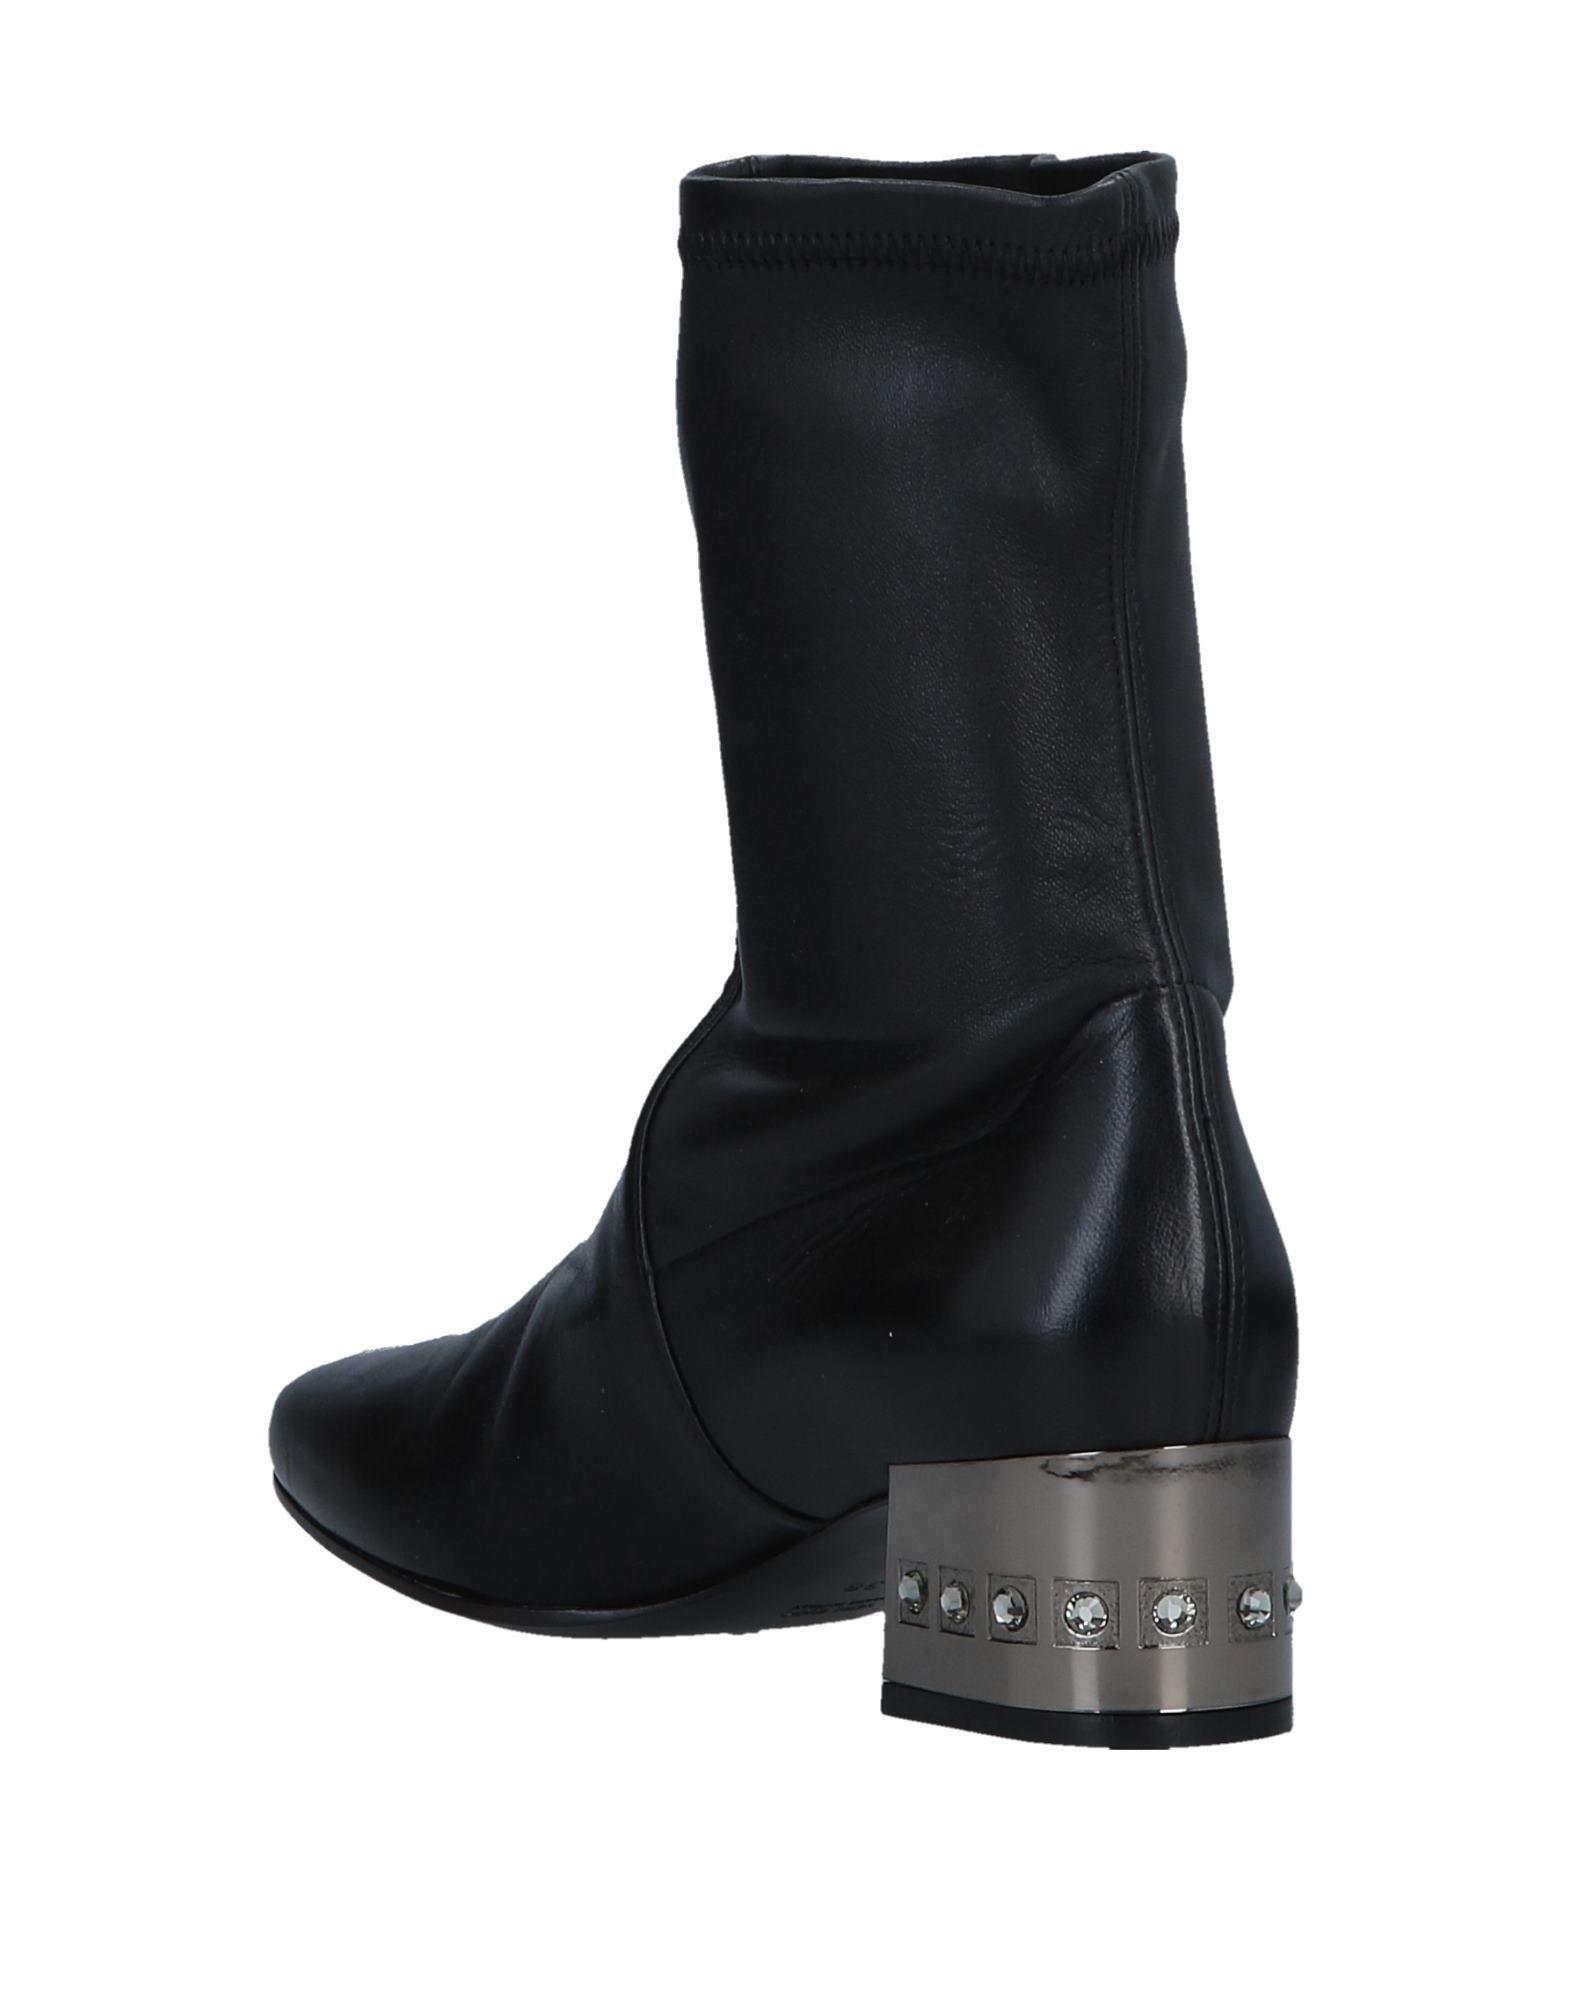 Fragiacomo Stiefelette Damen Schuhe  11519602CGGünstige gut aussehende Schuhe Damen 57c97b